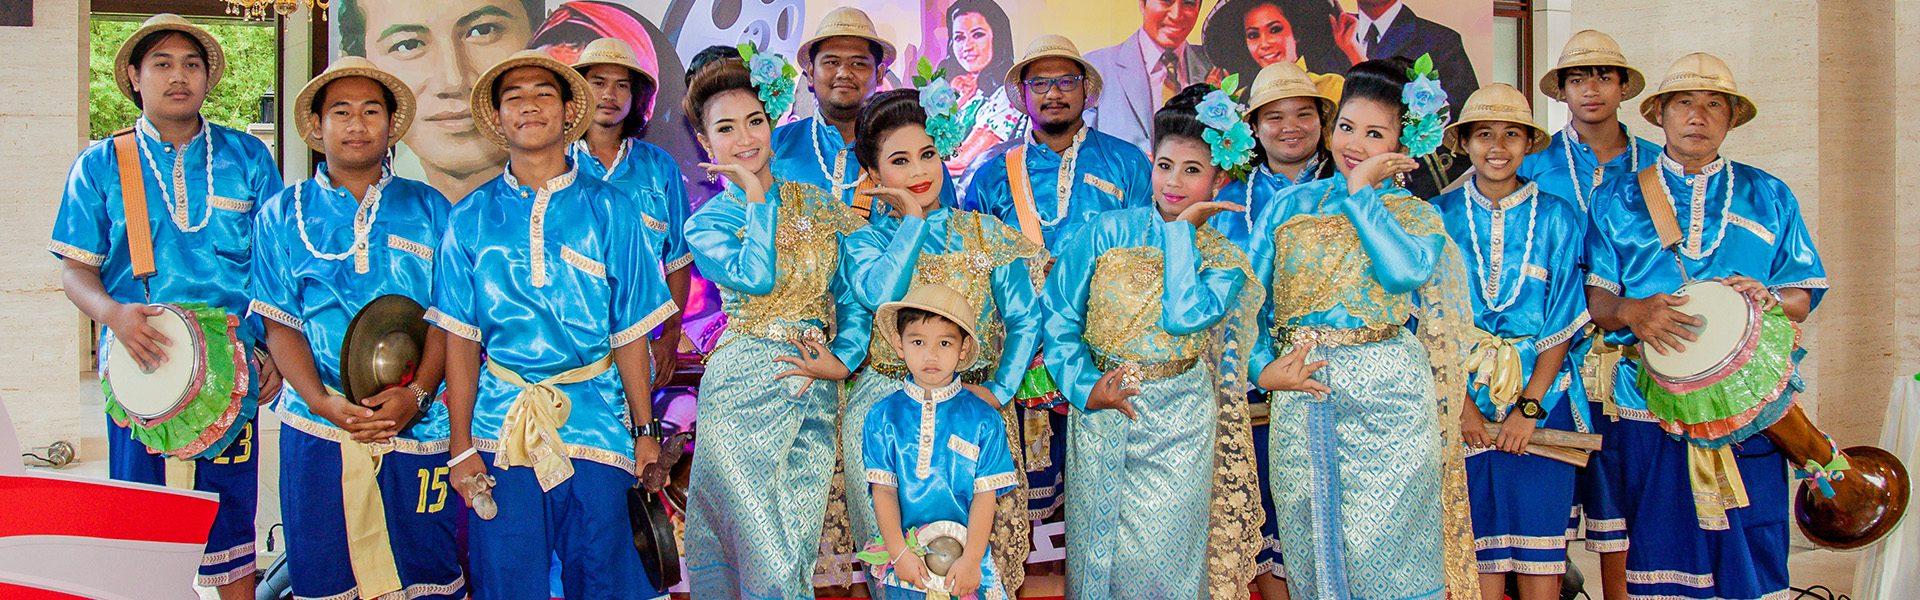 Thai Long Drum